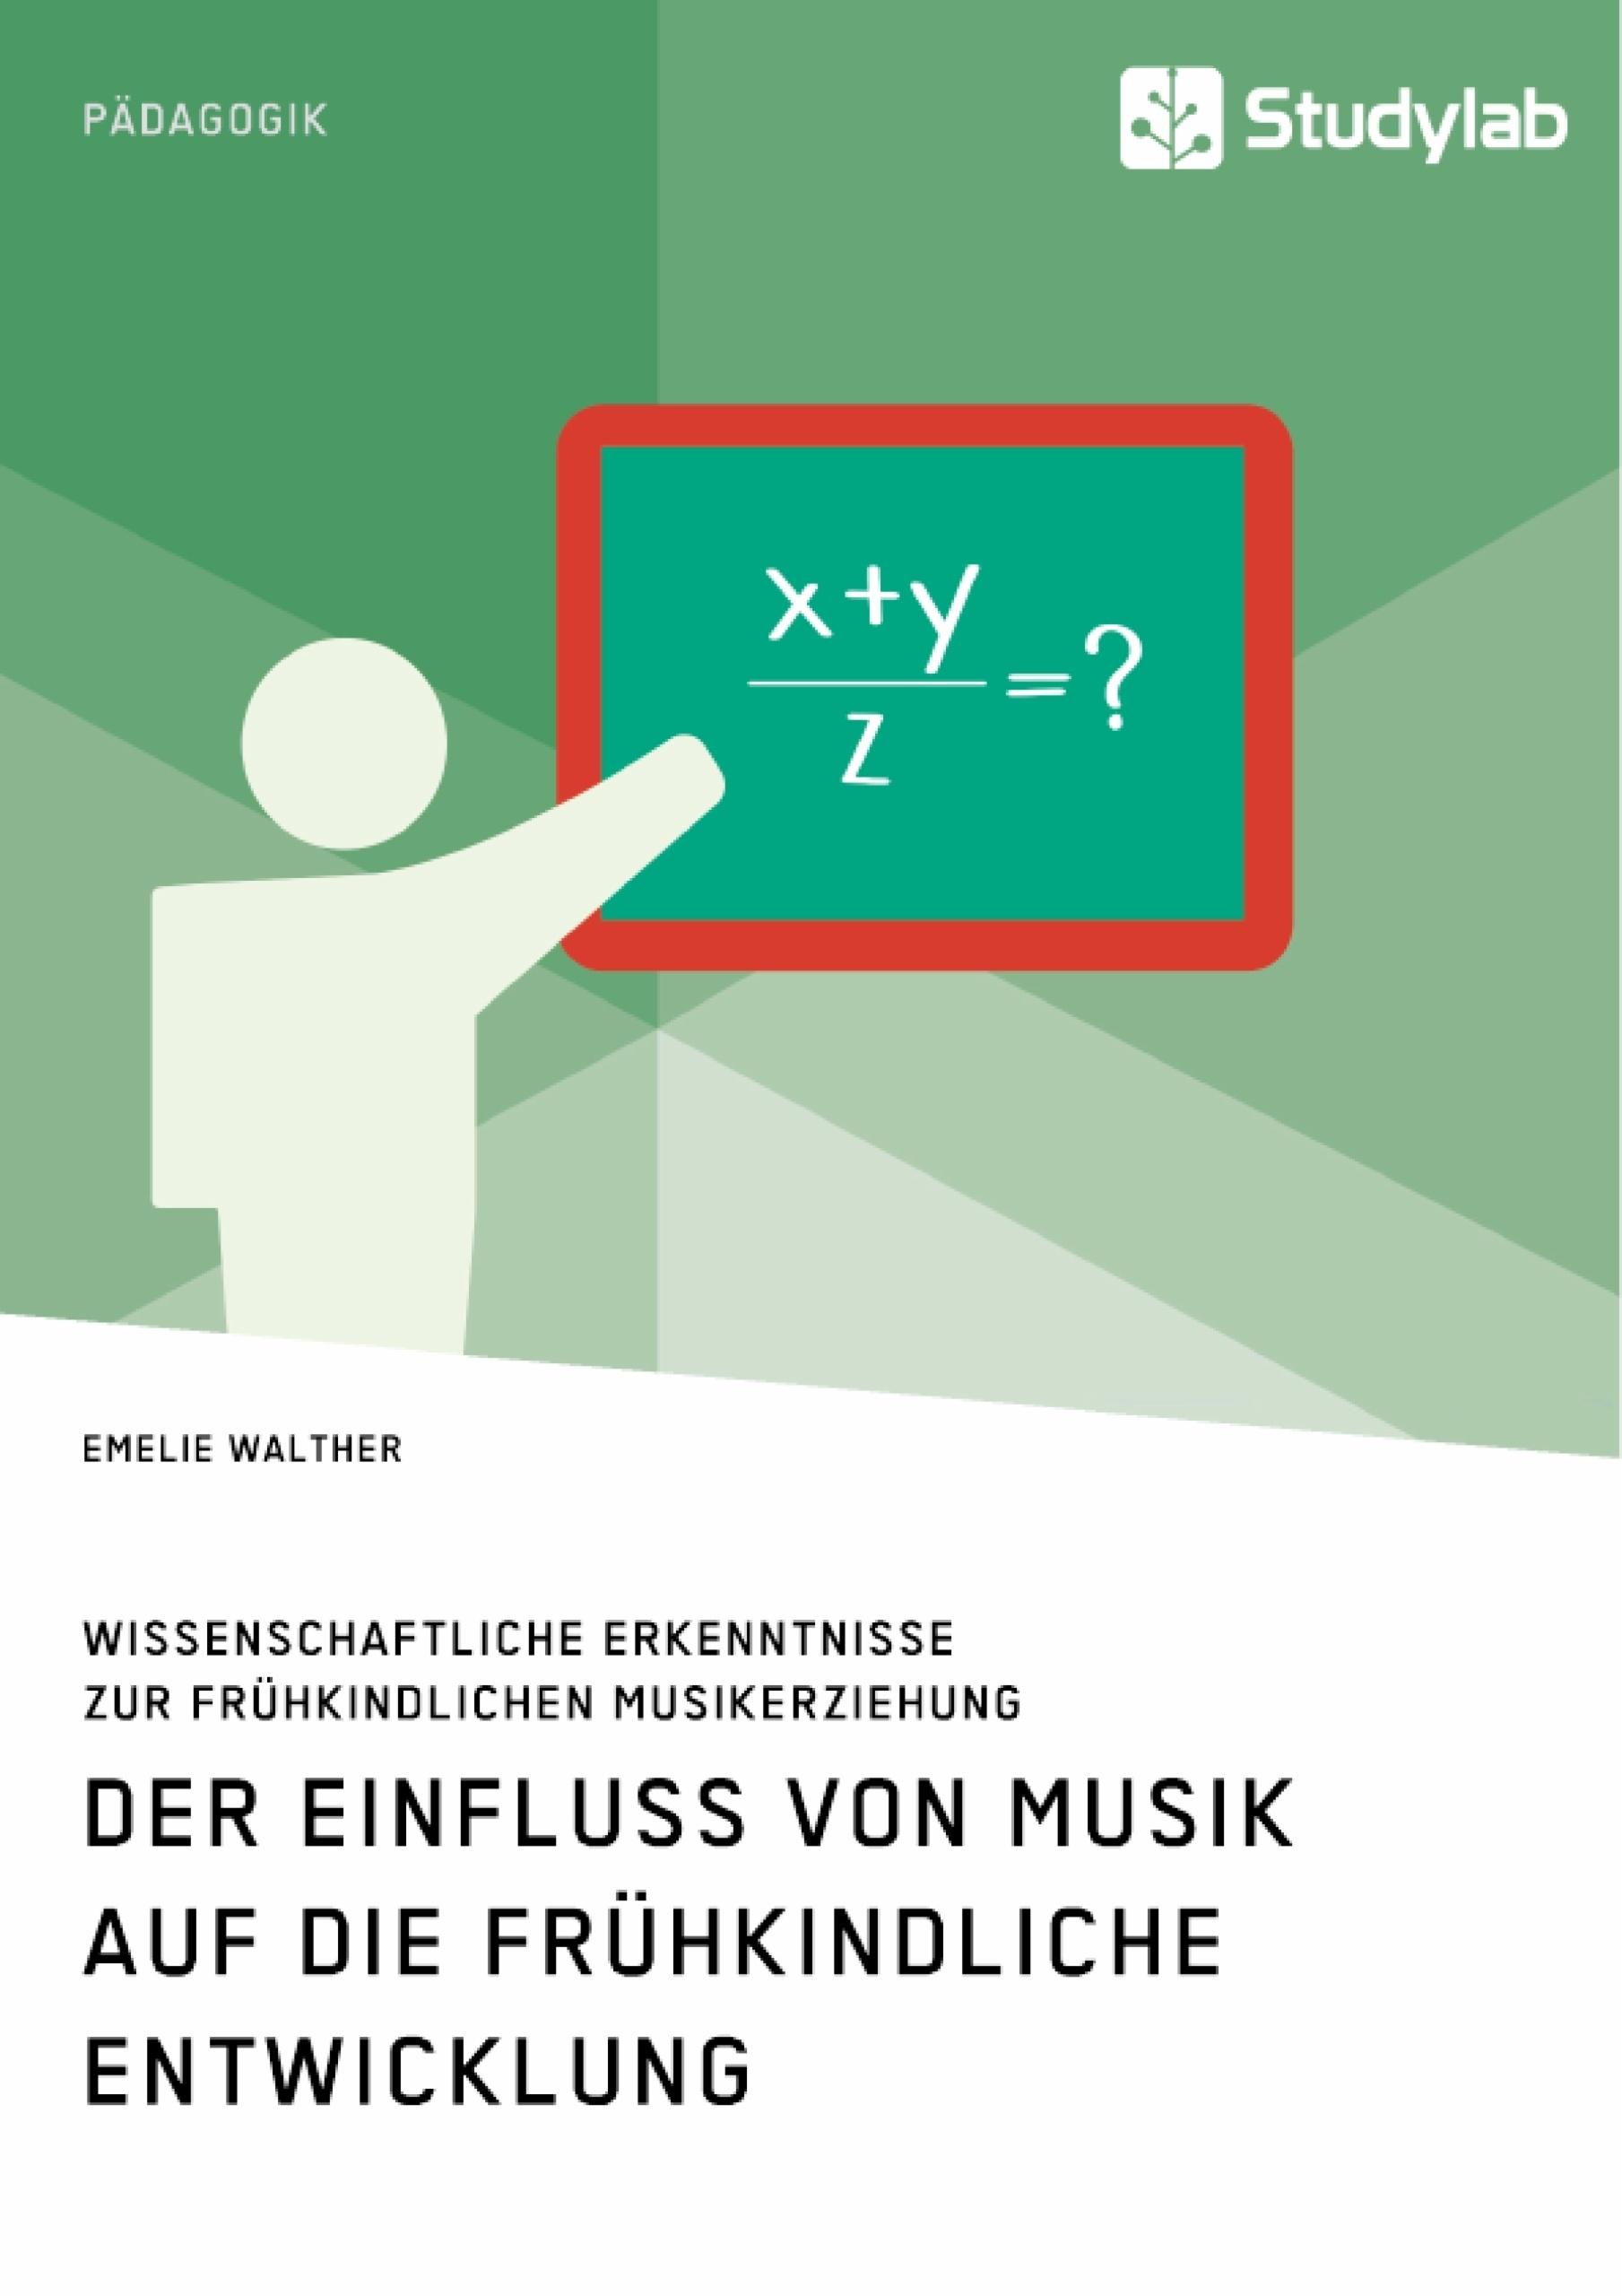 Titel: Der Einfluss von Musik auf die frühkindliche Entwicklung. Wissenschaftliche Erkenntnisse zur frühkindlichen Musikerziehung